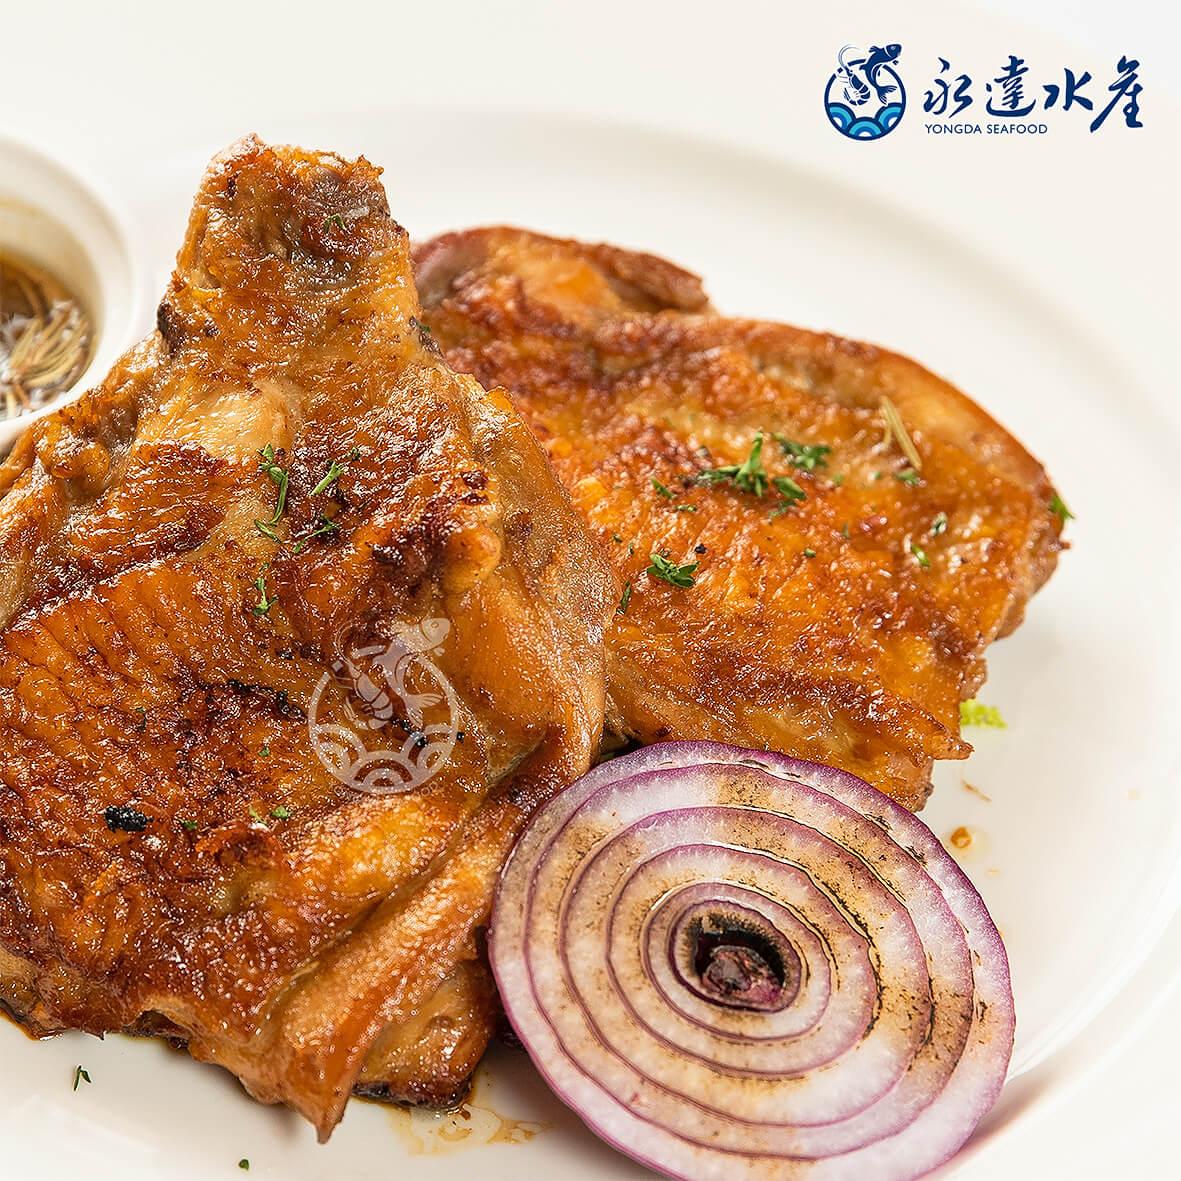 肉品|超大去骨雞腿排|雞腿排|去骨雞腿|雞腿|雞肉